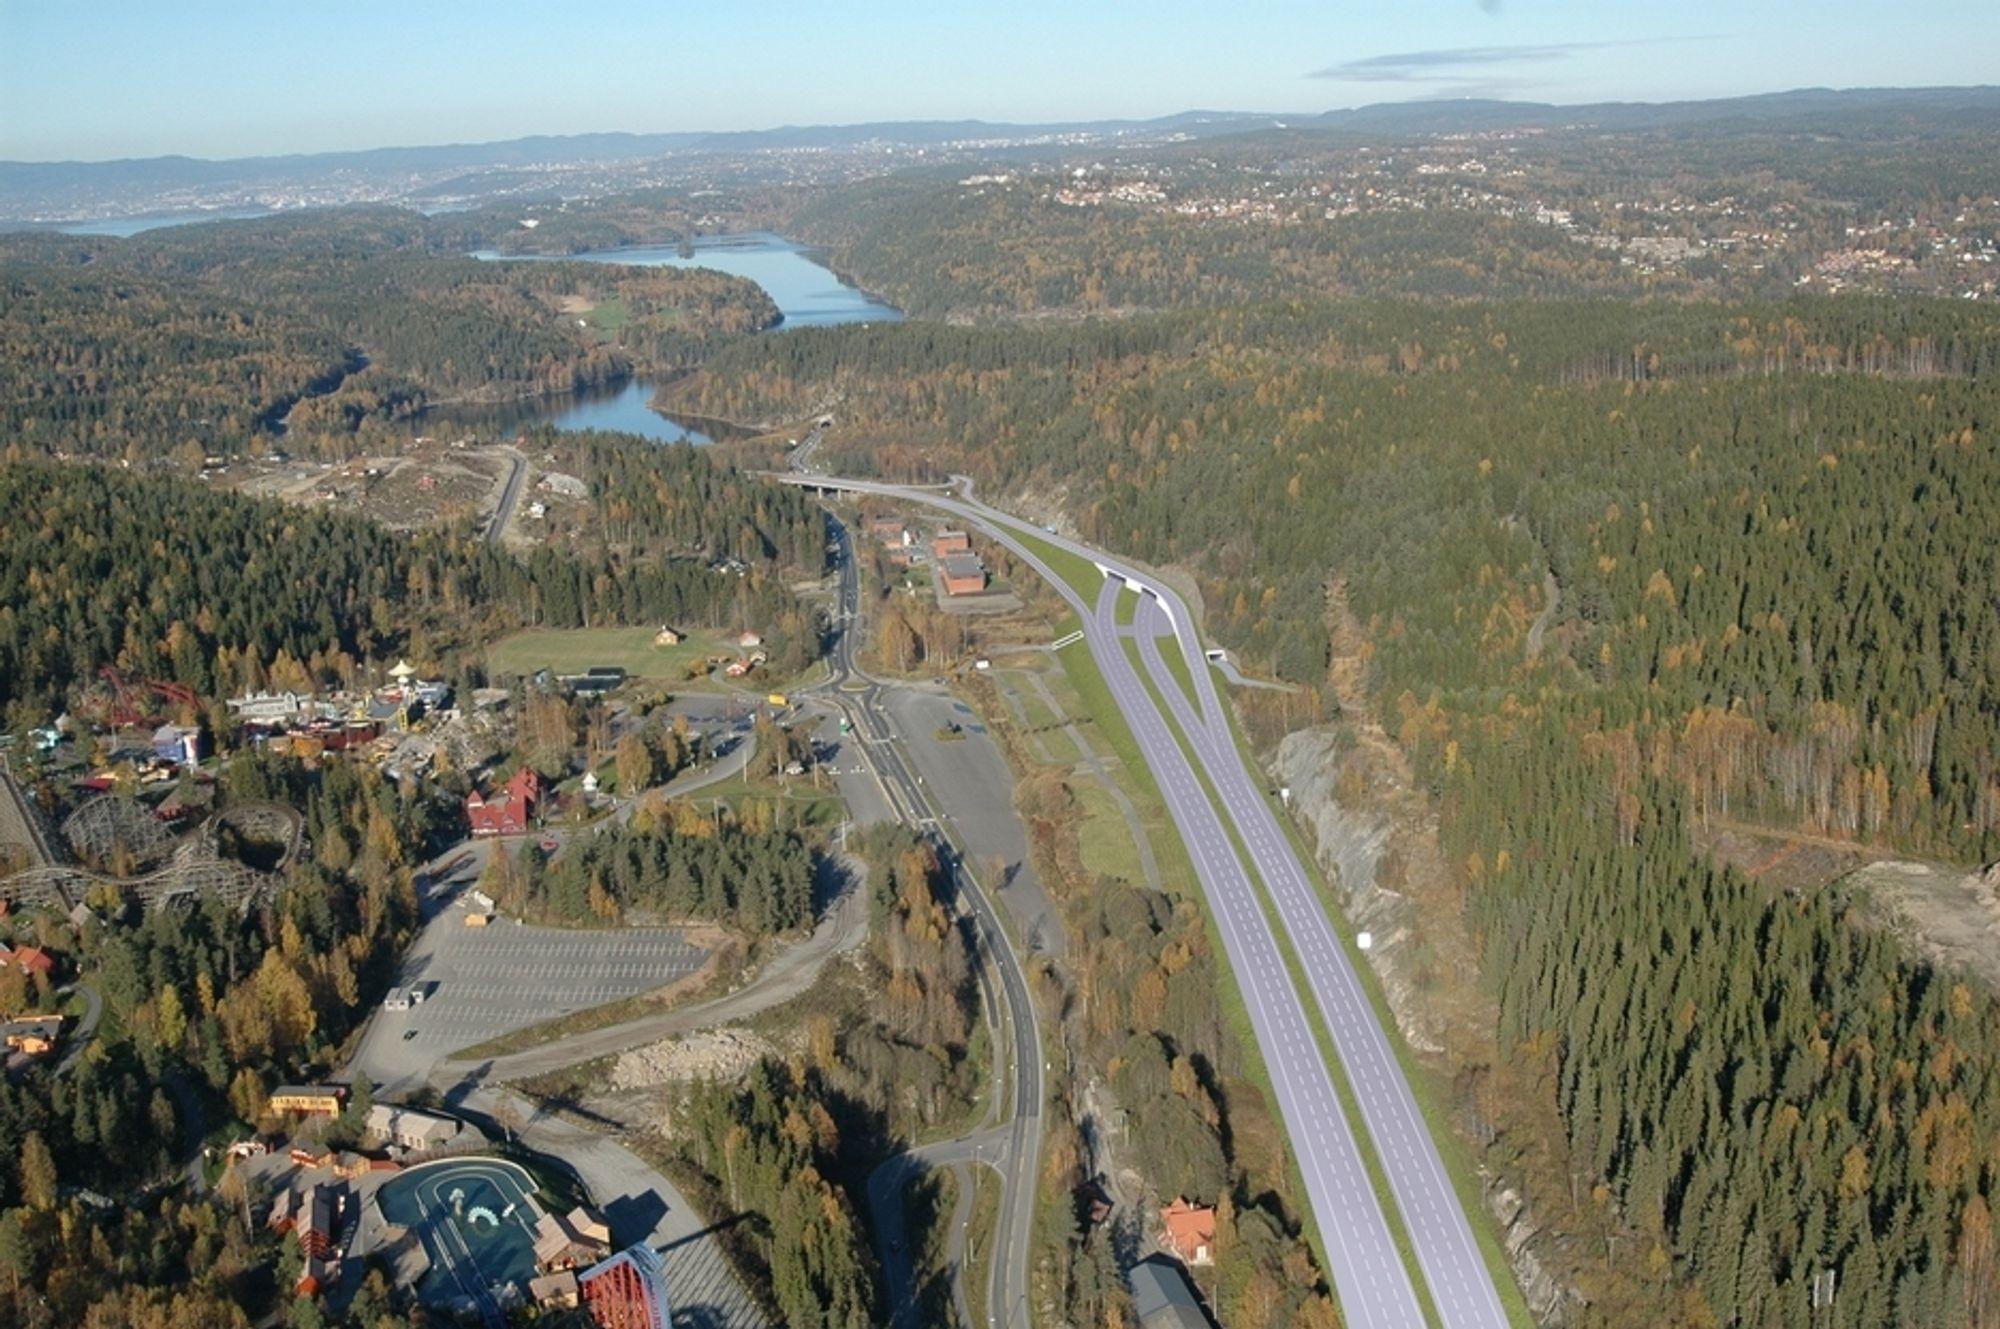 Dette veganlegget vil flytte morgenkøene nærmere Oslo når det åpnes høsten 2009. Utvidelsen fra fire til seks felt vil skje mot vest i retning Tusenfryd. (Ill.: Norfilm)